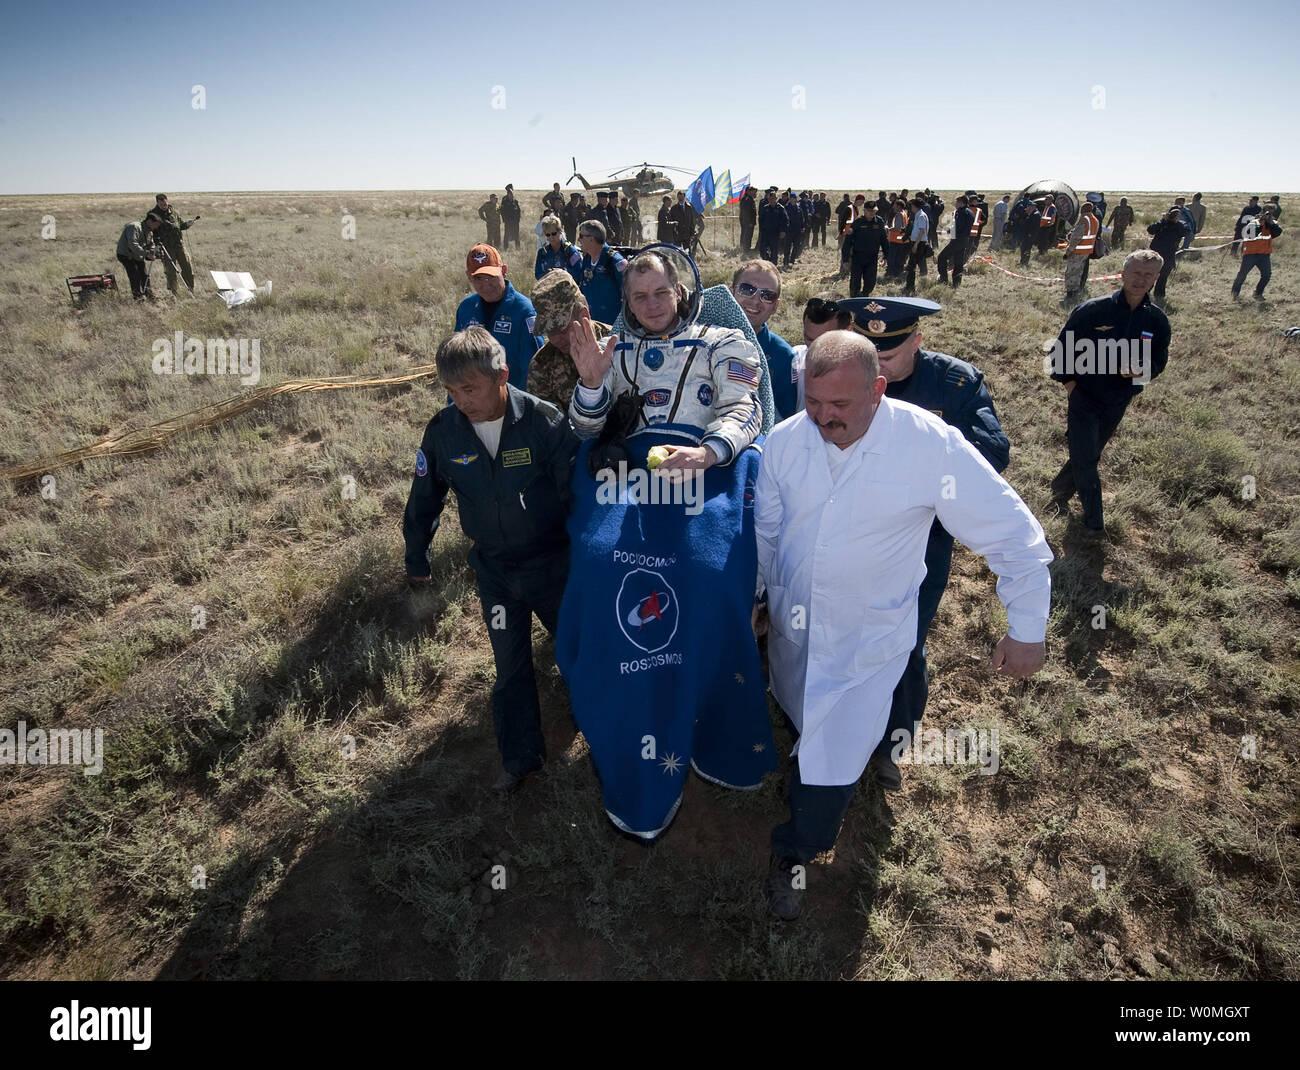 L'ingénieur de vol de l'expédition 23 T.J. Creamer s'effectue sur une chaise à la tente médicale à quelques minutes après lui et d'autres membres d'équipage Soichi Noguchi et commandant Oleg Kotov a atterri dans leur capsule Soyouz TMA-17 près de la ville de Zhezkazgan, le Kazakhstan le 2 juin 2010. L'astronaute de la NASA Creamer, le cosmonaute russe Kotov et astronaute japonais Noguchi sont de retour de six mois à bord de la Station spatiale internationale où ils ont servi en tant que membres de l'Expédition 22 et 23 équipes. UPI//Bill Ingalls/NASA Photo Stock